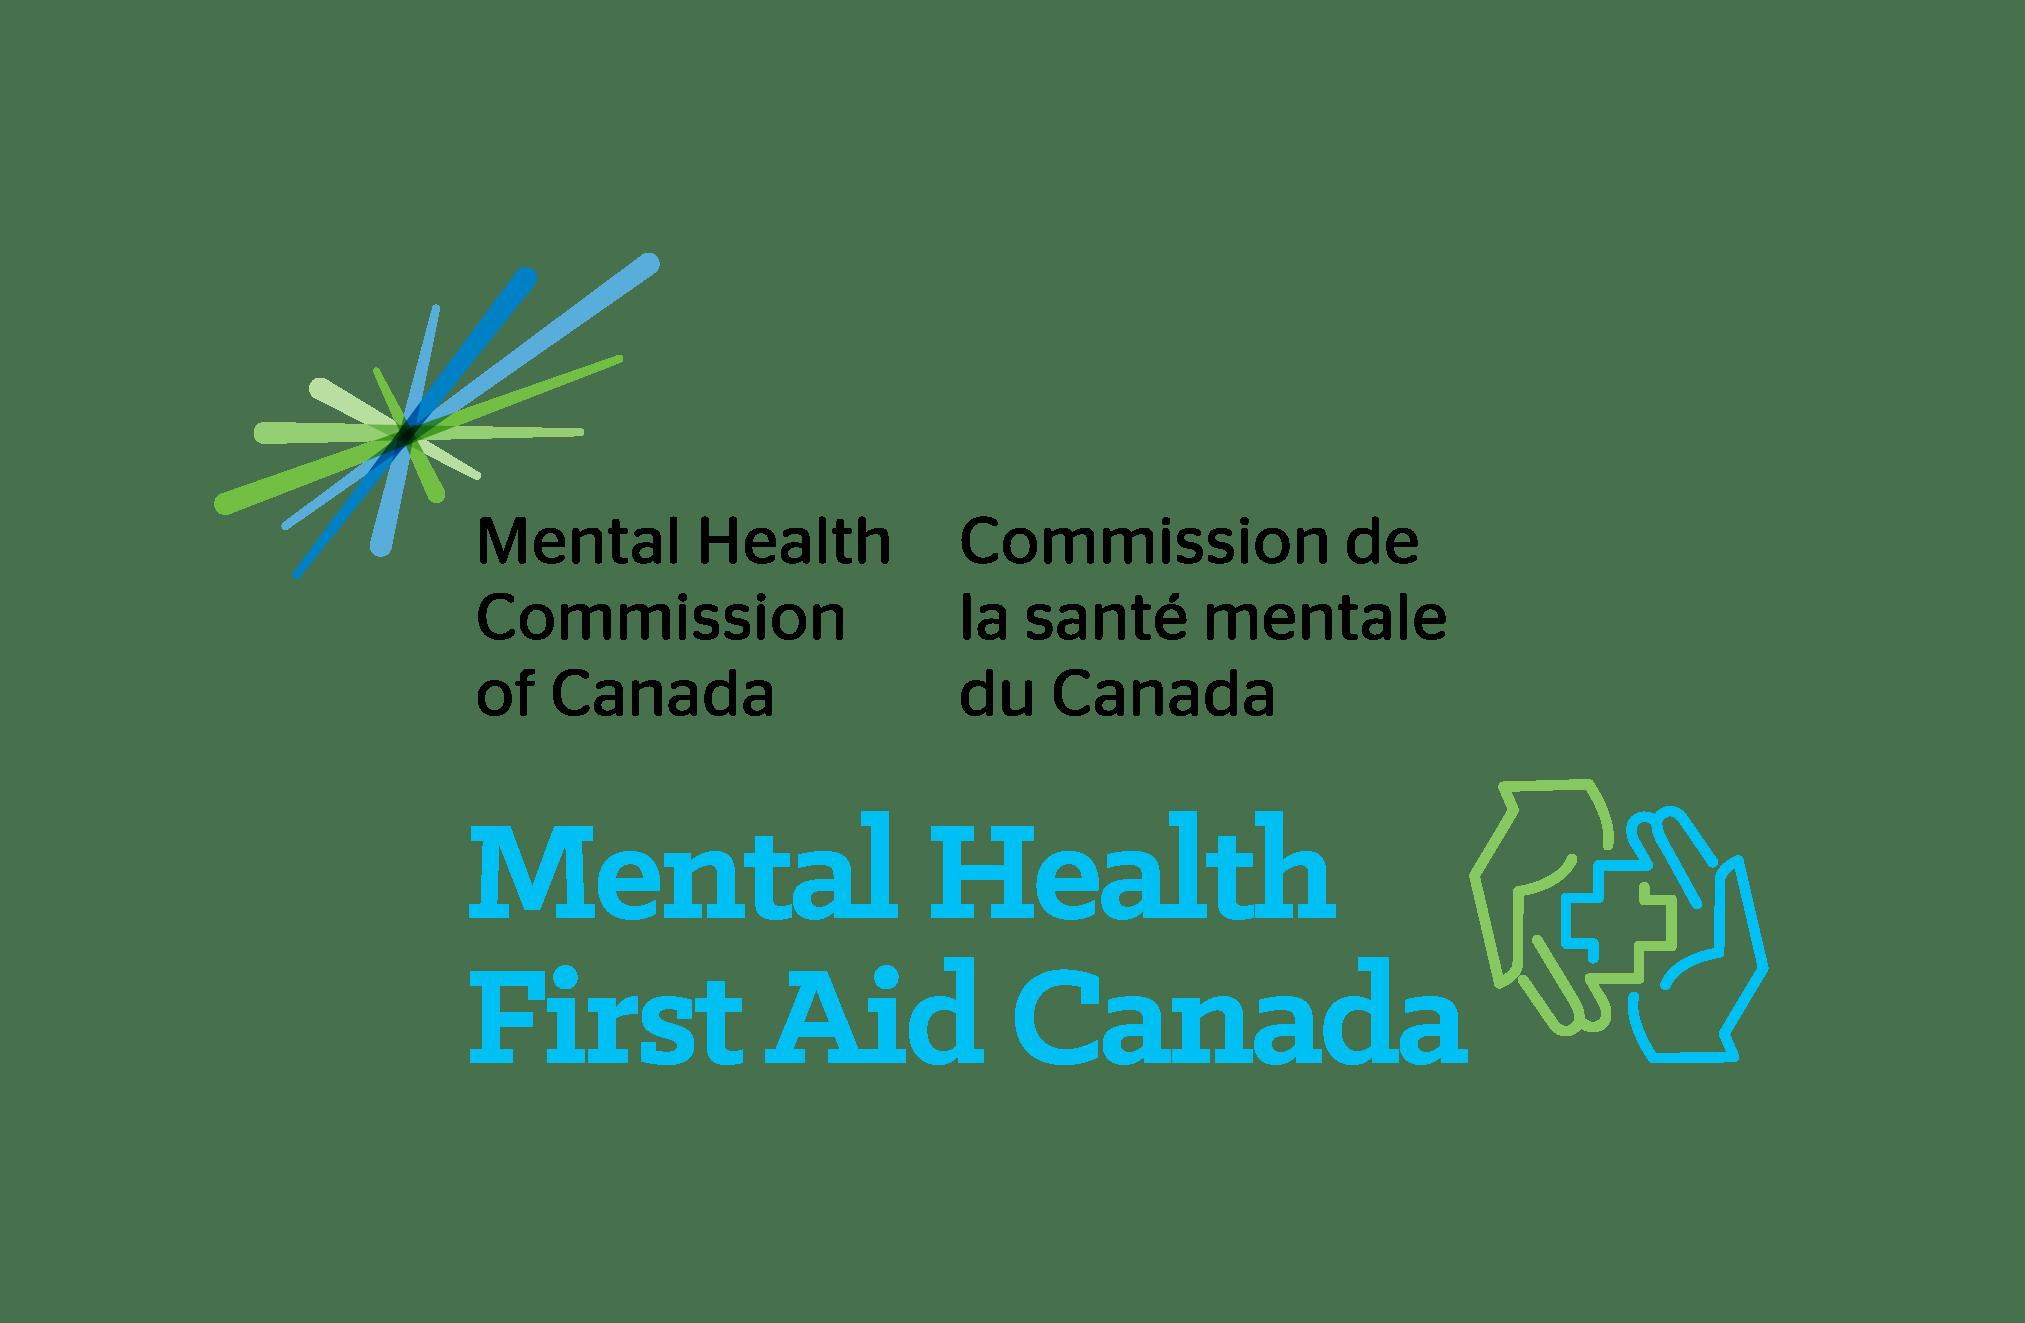 Mental Health First Aid: Basic